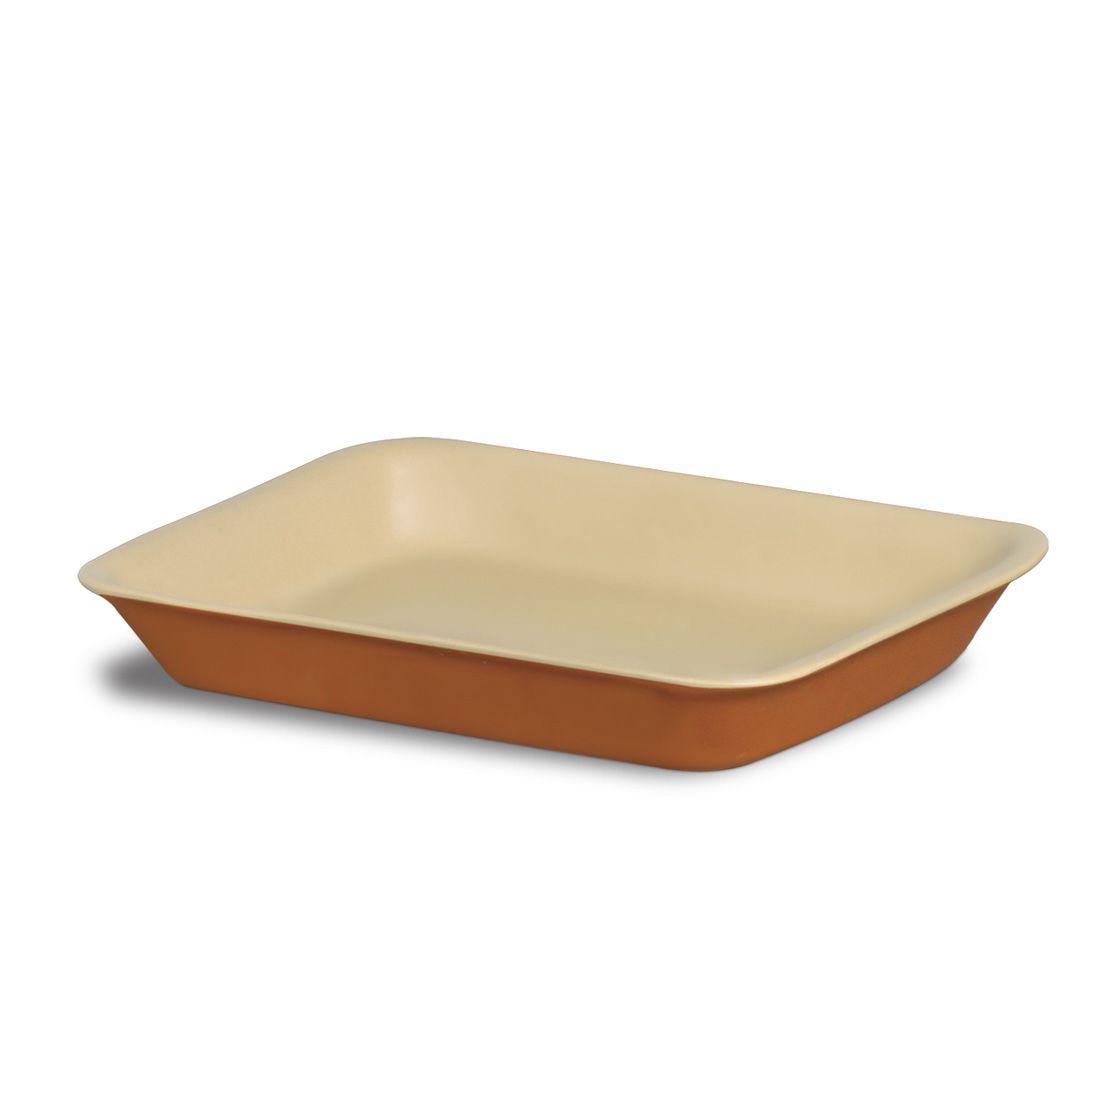 Forma Assadeira 350Ml para Micro-Ondas, Forno Convencional e Elétrico de Cerâmica Retangular Marrom